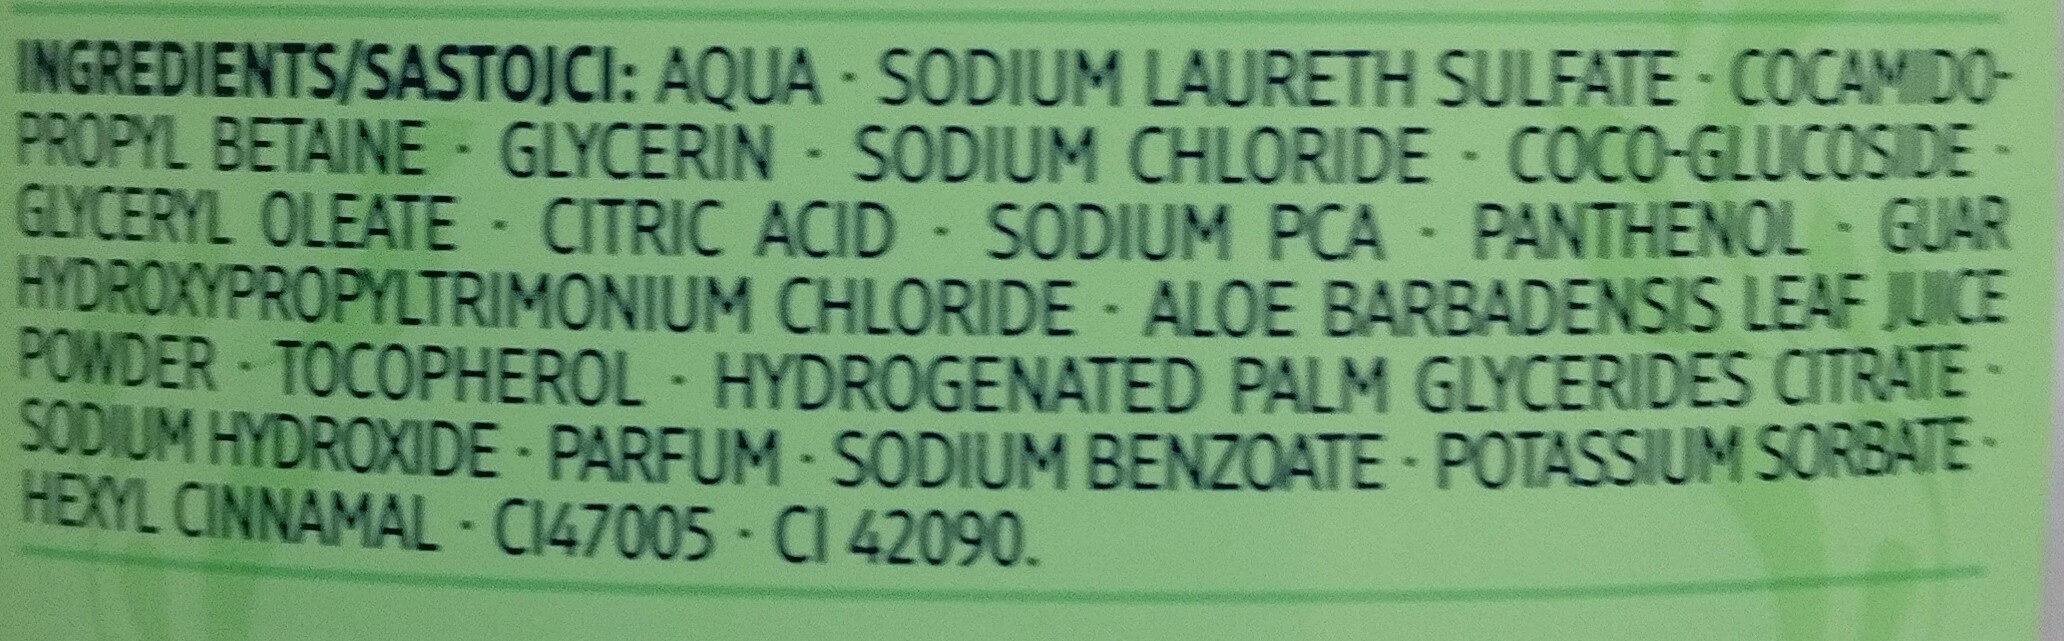 Dusche Schönheitsgeheimnisse Aloe Vera - Ingredients - de